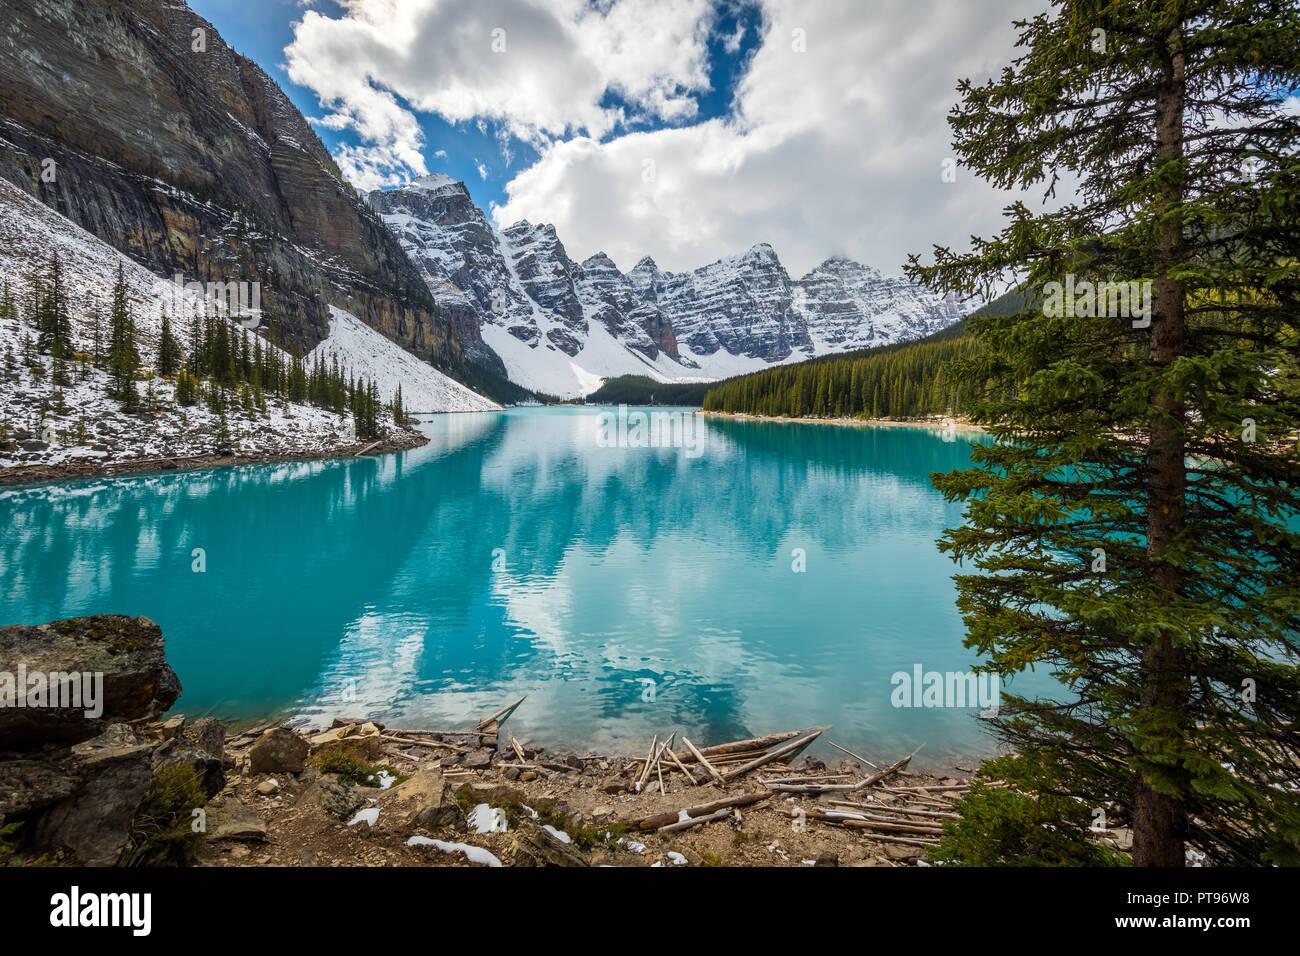 Il Moraine Lake è un glacially lago alimentato nel Parco Nazionale di Banff, 14 chilometri (8,7 mi) al di fuori del Villaggio di Lake Louise, Alberta, Canada. Immagini Stock